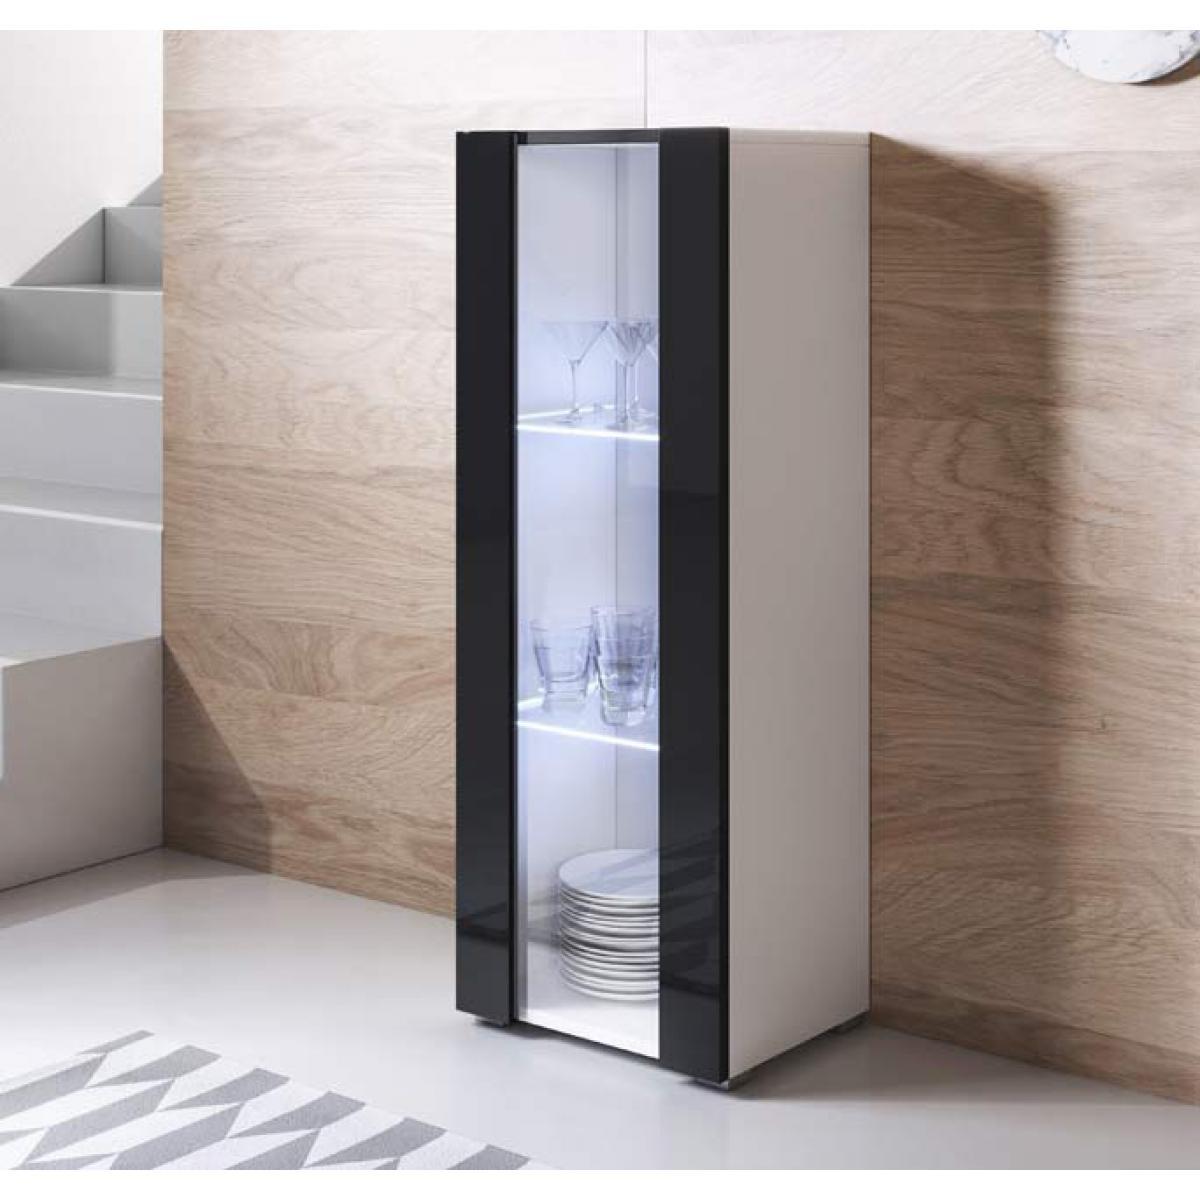 Design Ameublement Vitrine modèle Luke V2 (40x128cm) couleur blanc et noir avec pieds standard